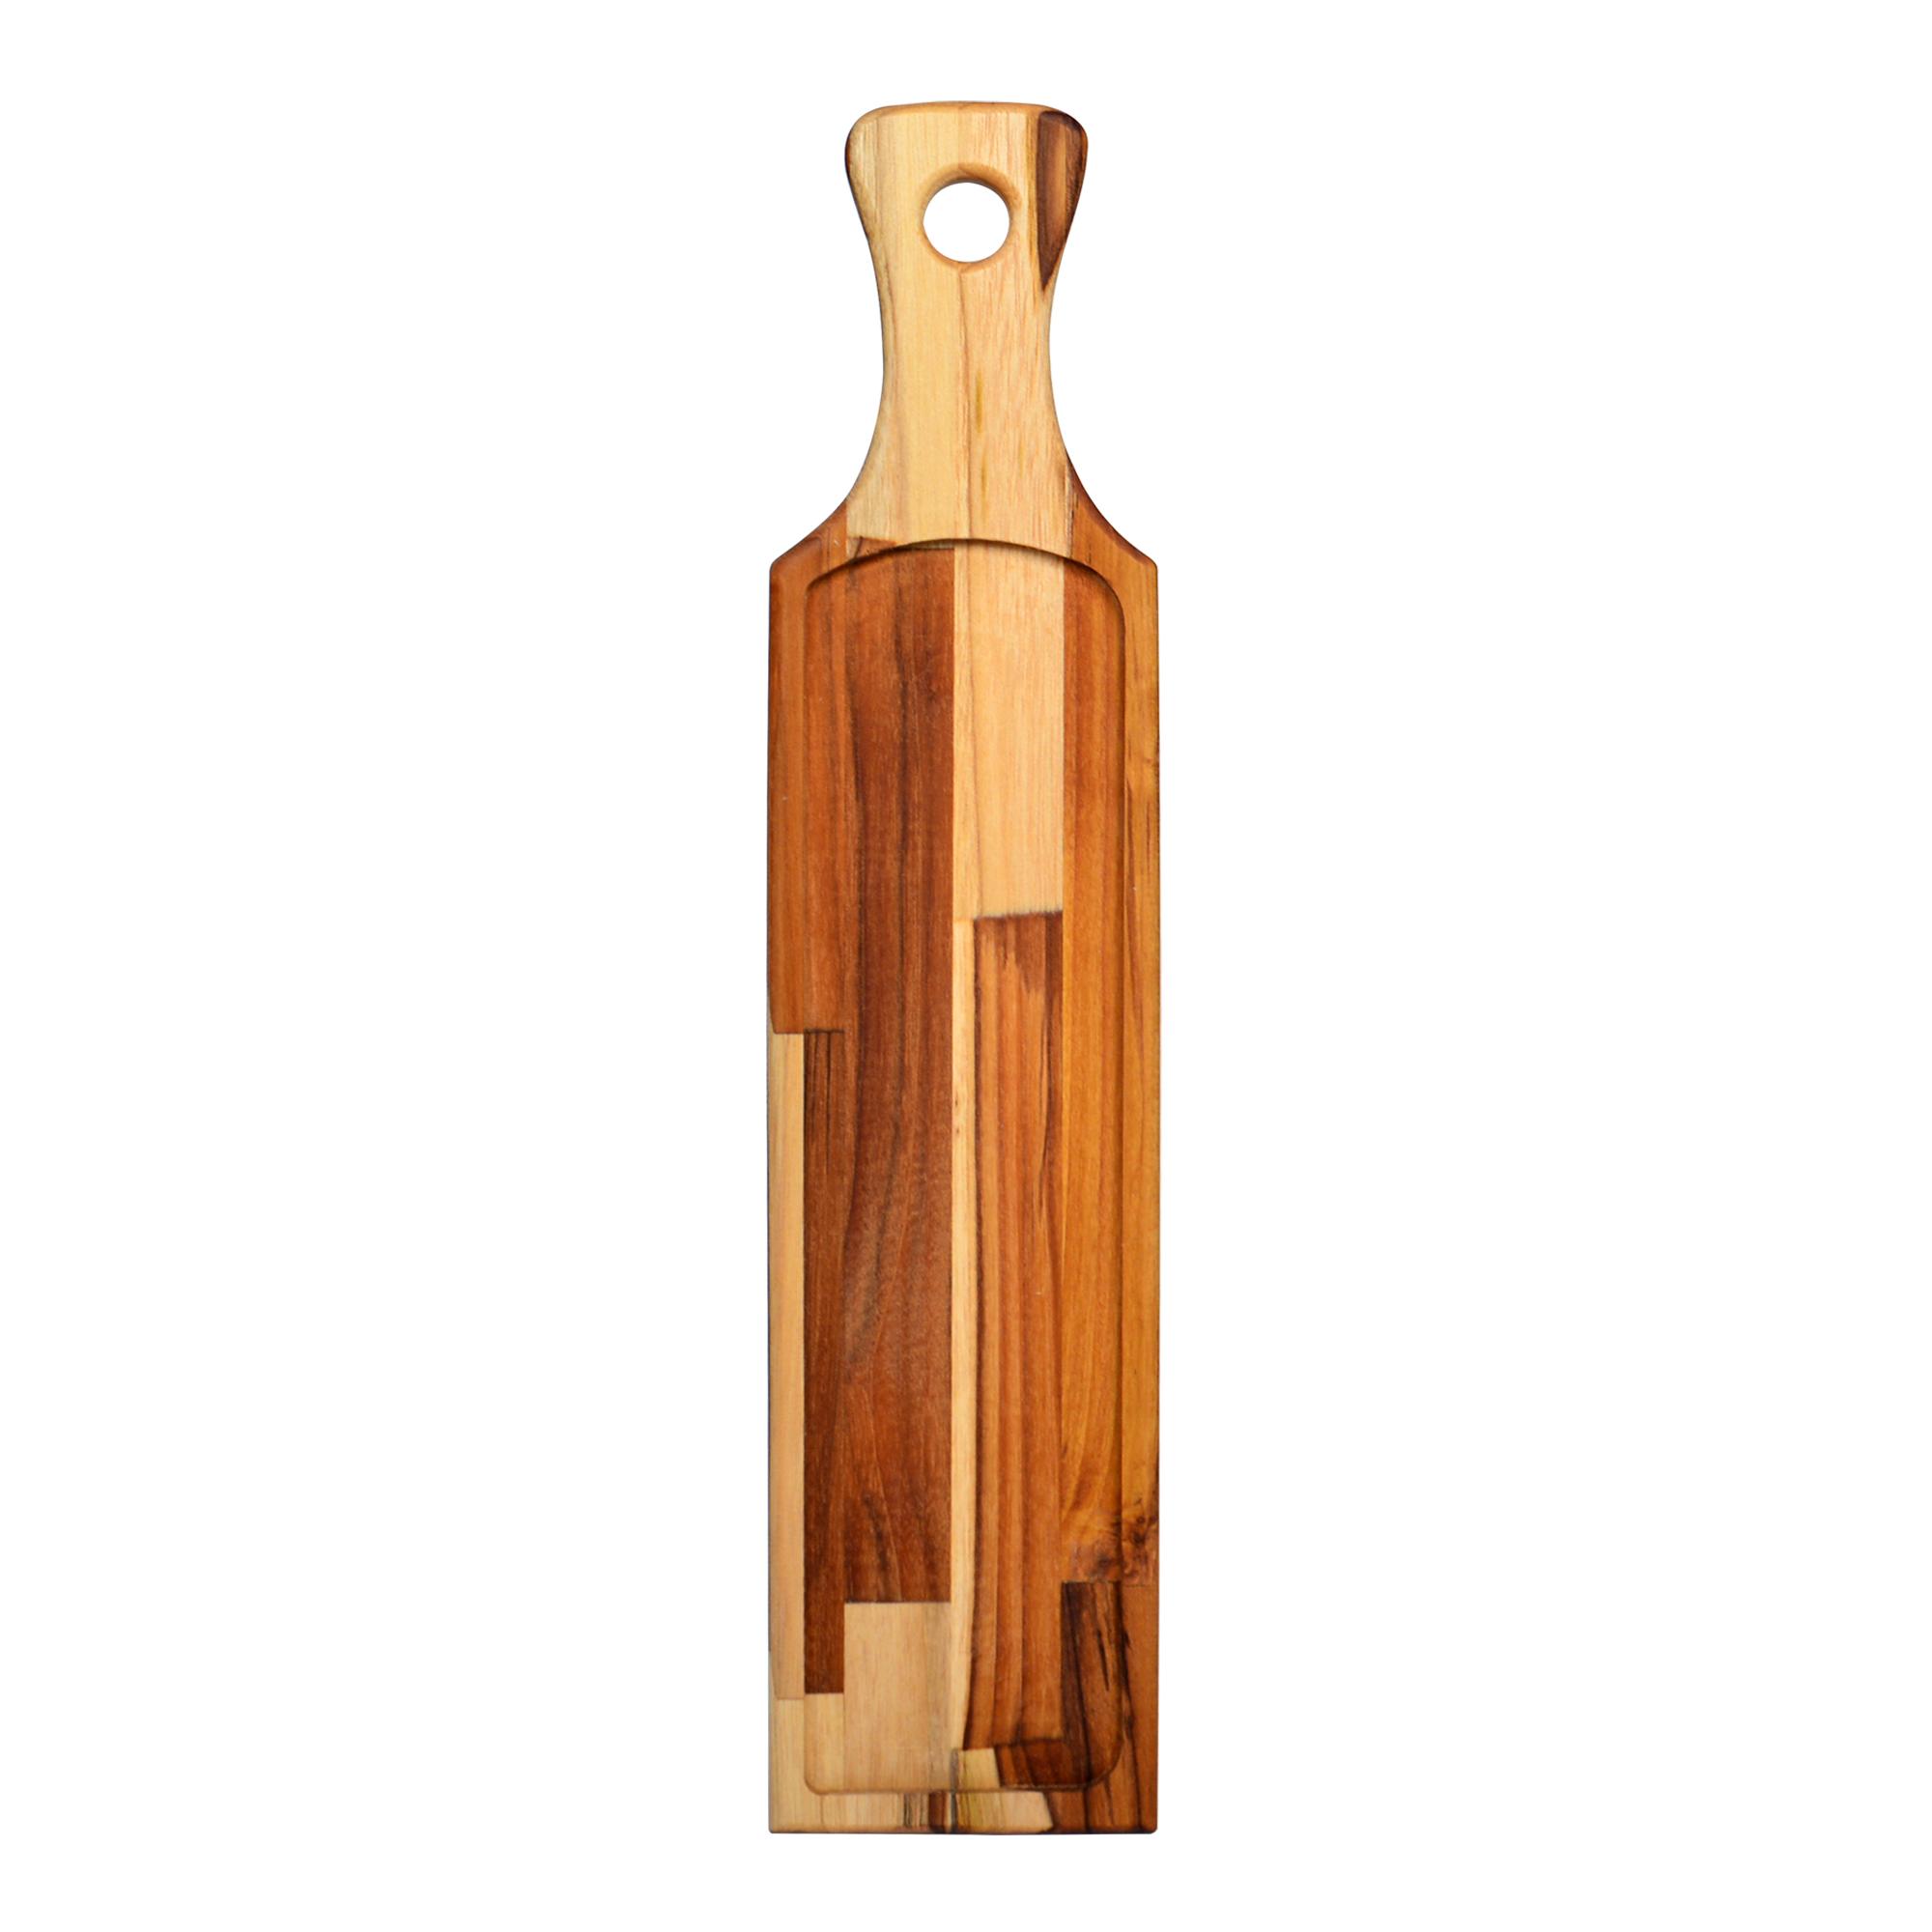 Tábua odelo Baguete de madeira Teca